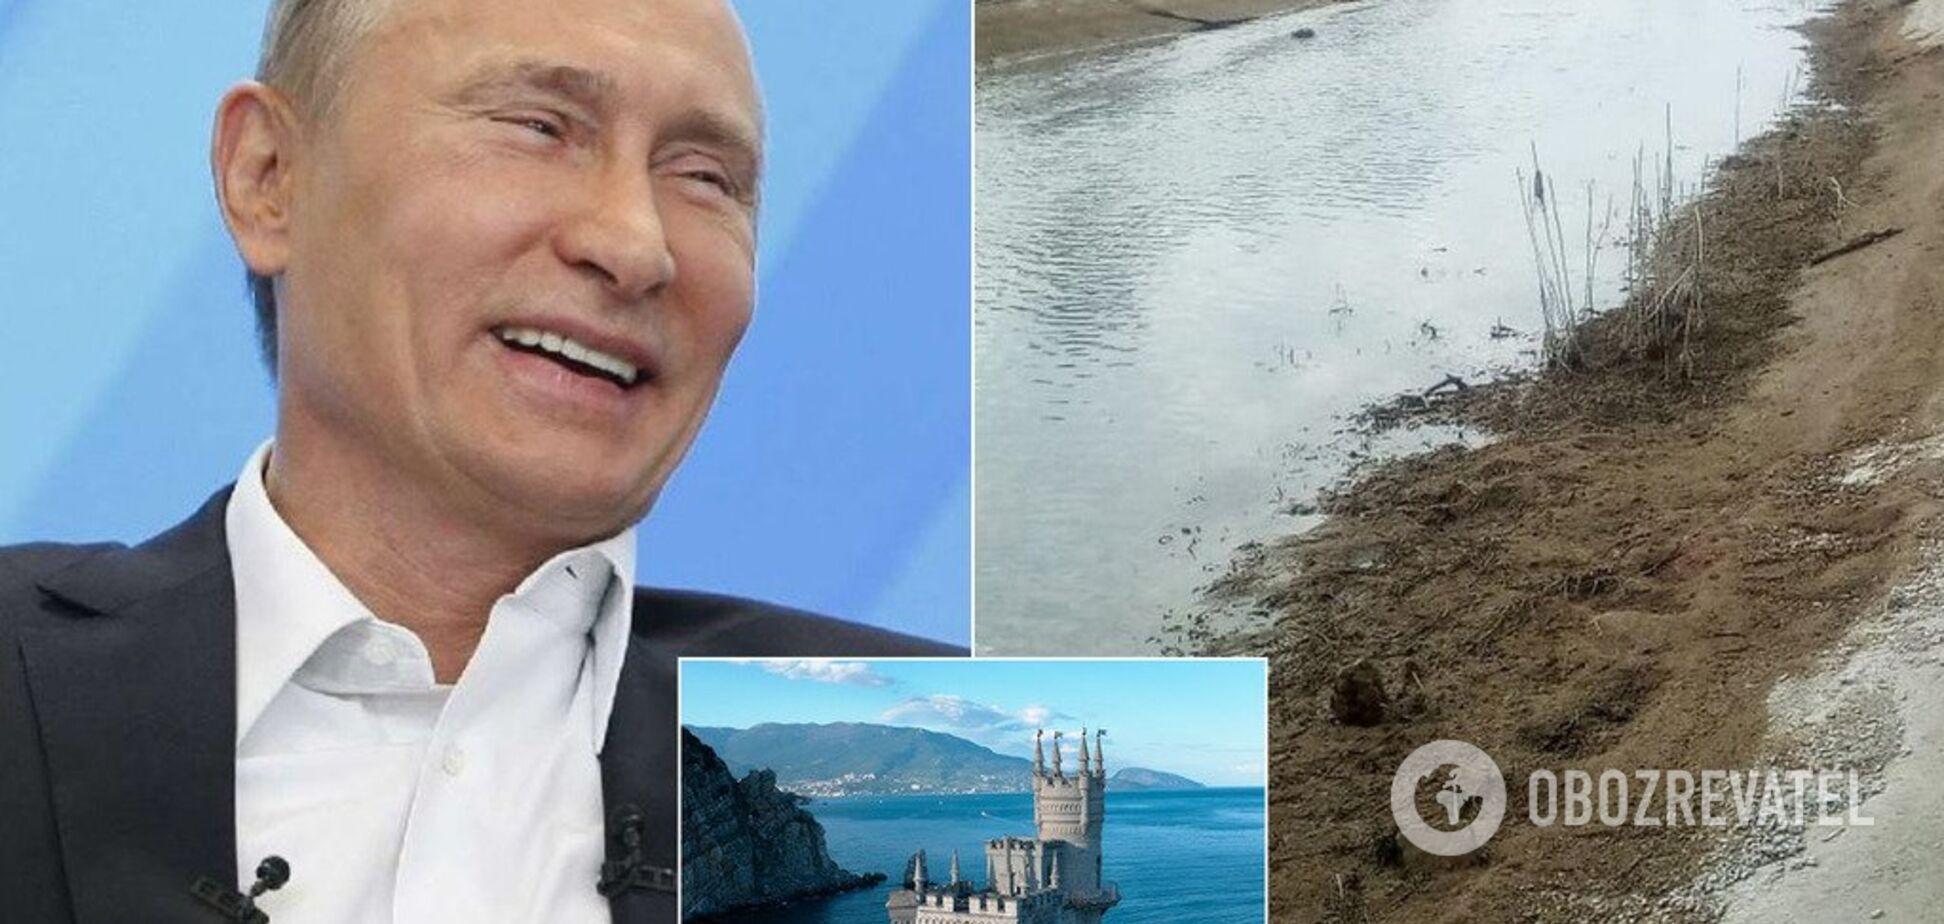 Росія підтримала ідею депутата 'Слуги народу' щодо продажу води у Крим